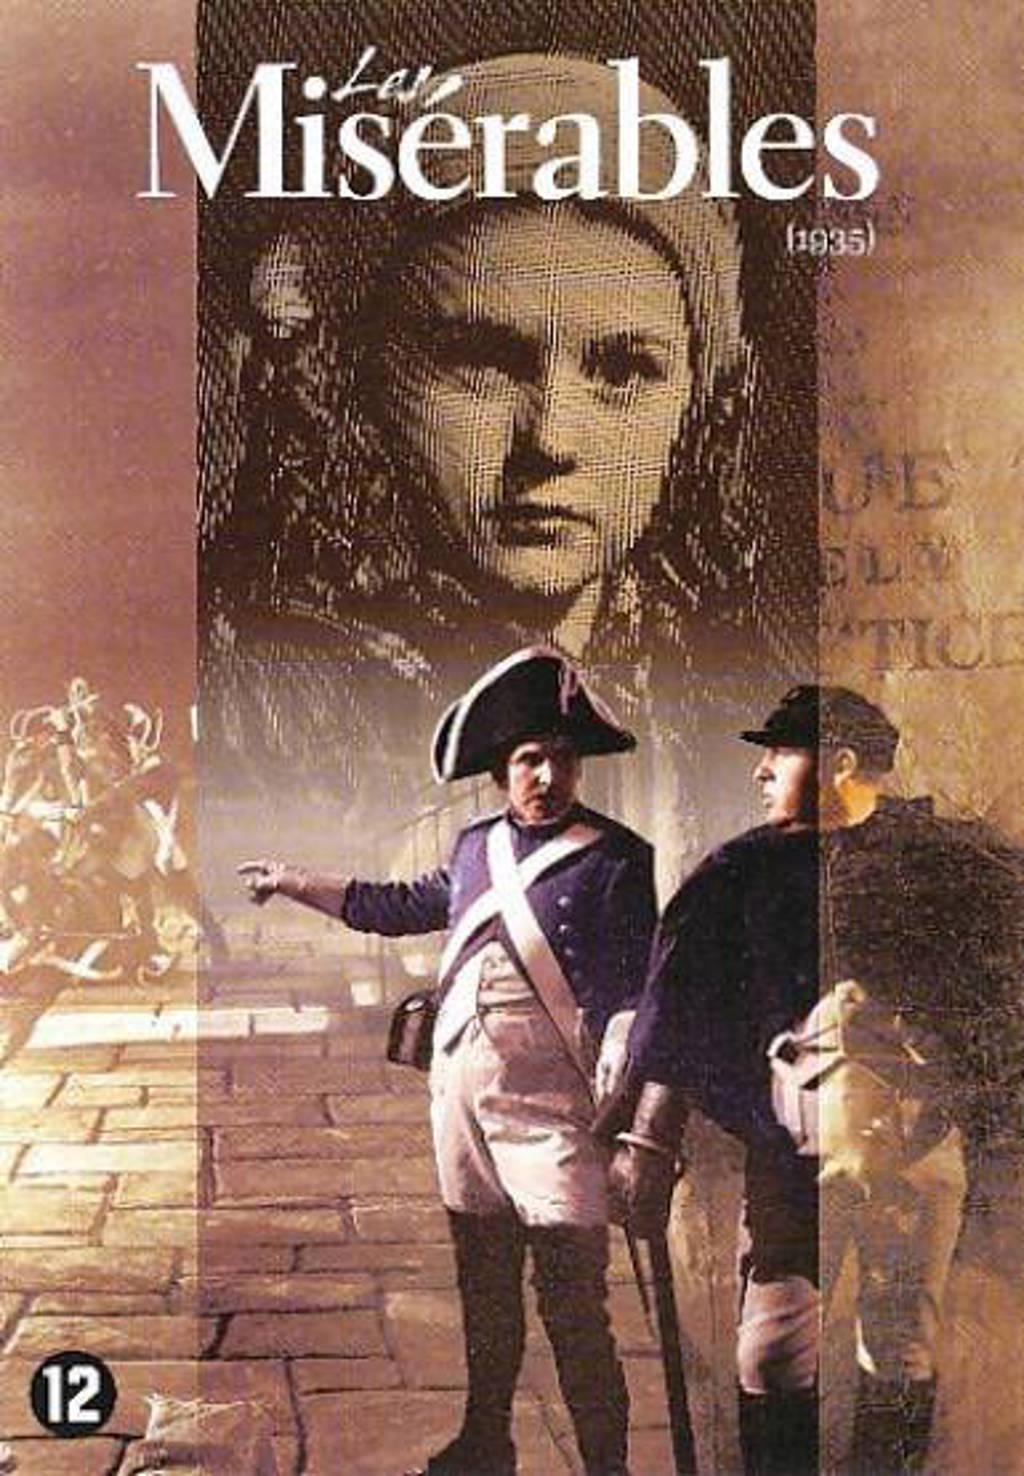 Les miserables (1935) (DVD)